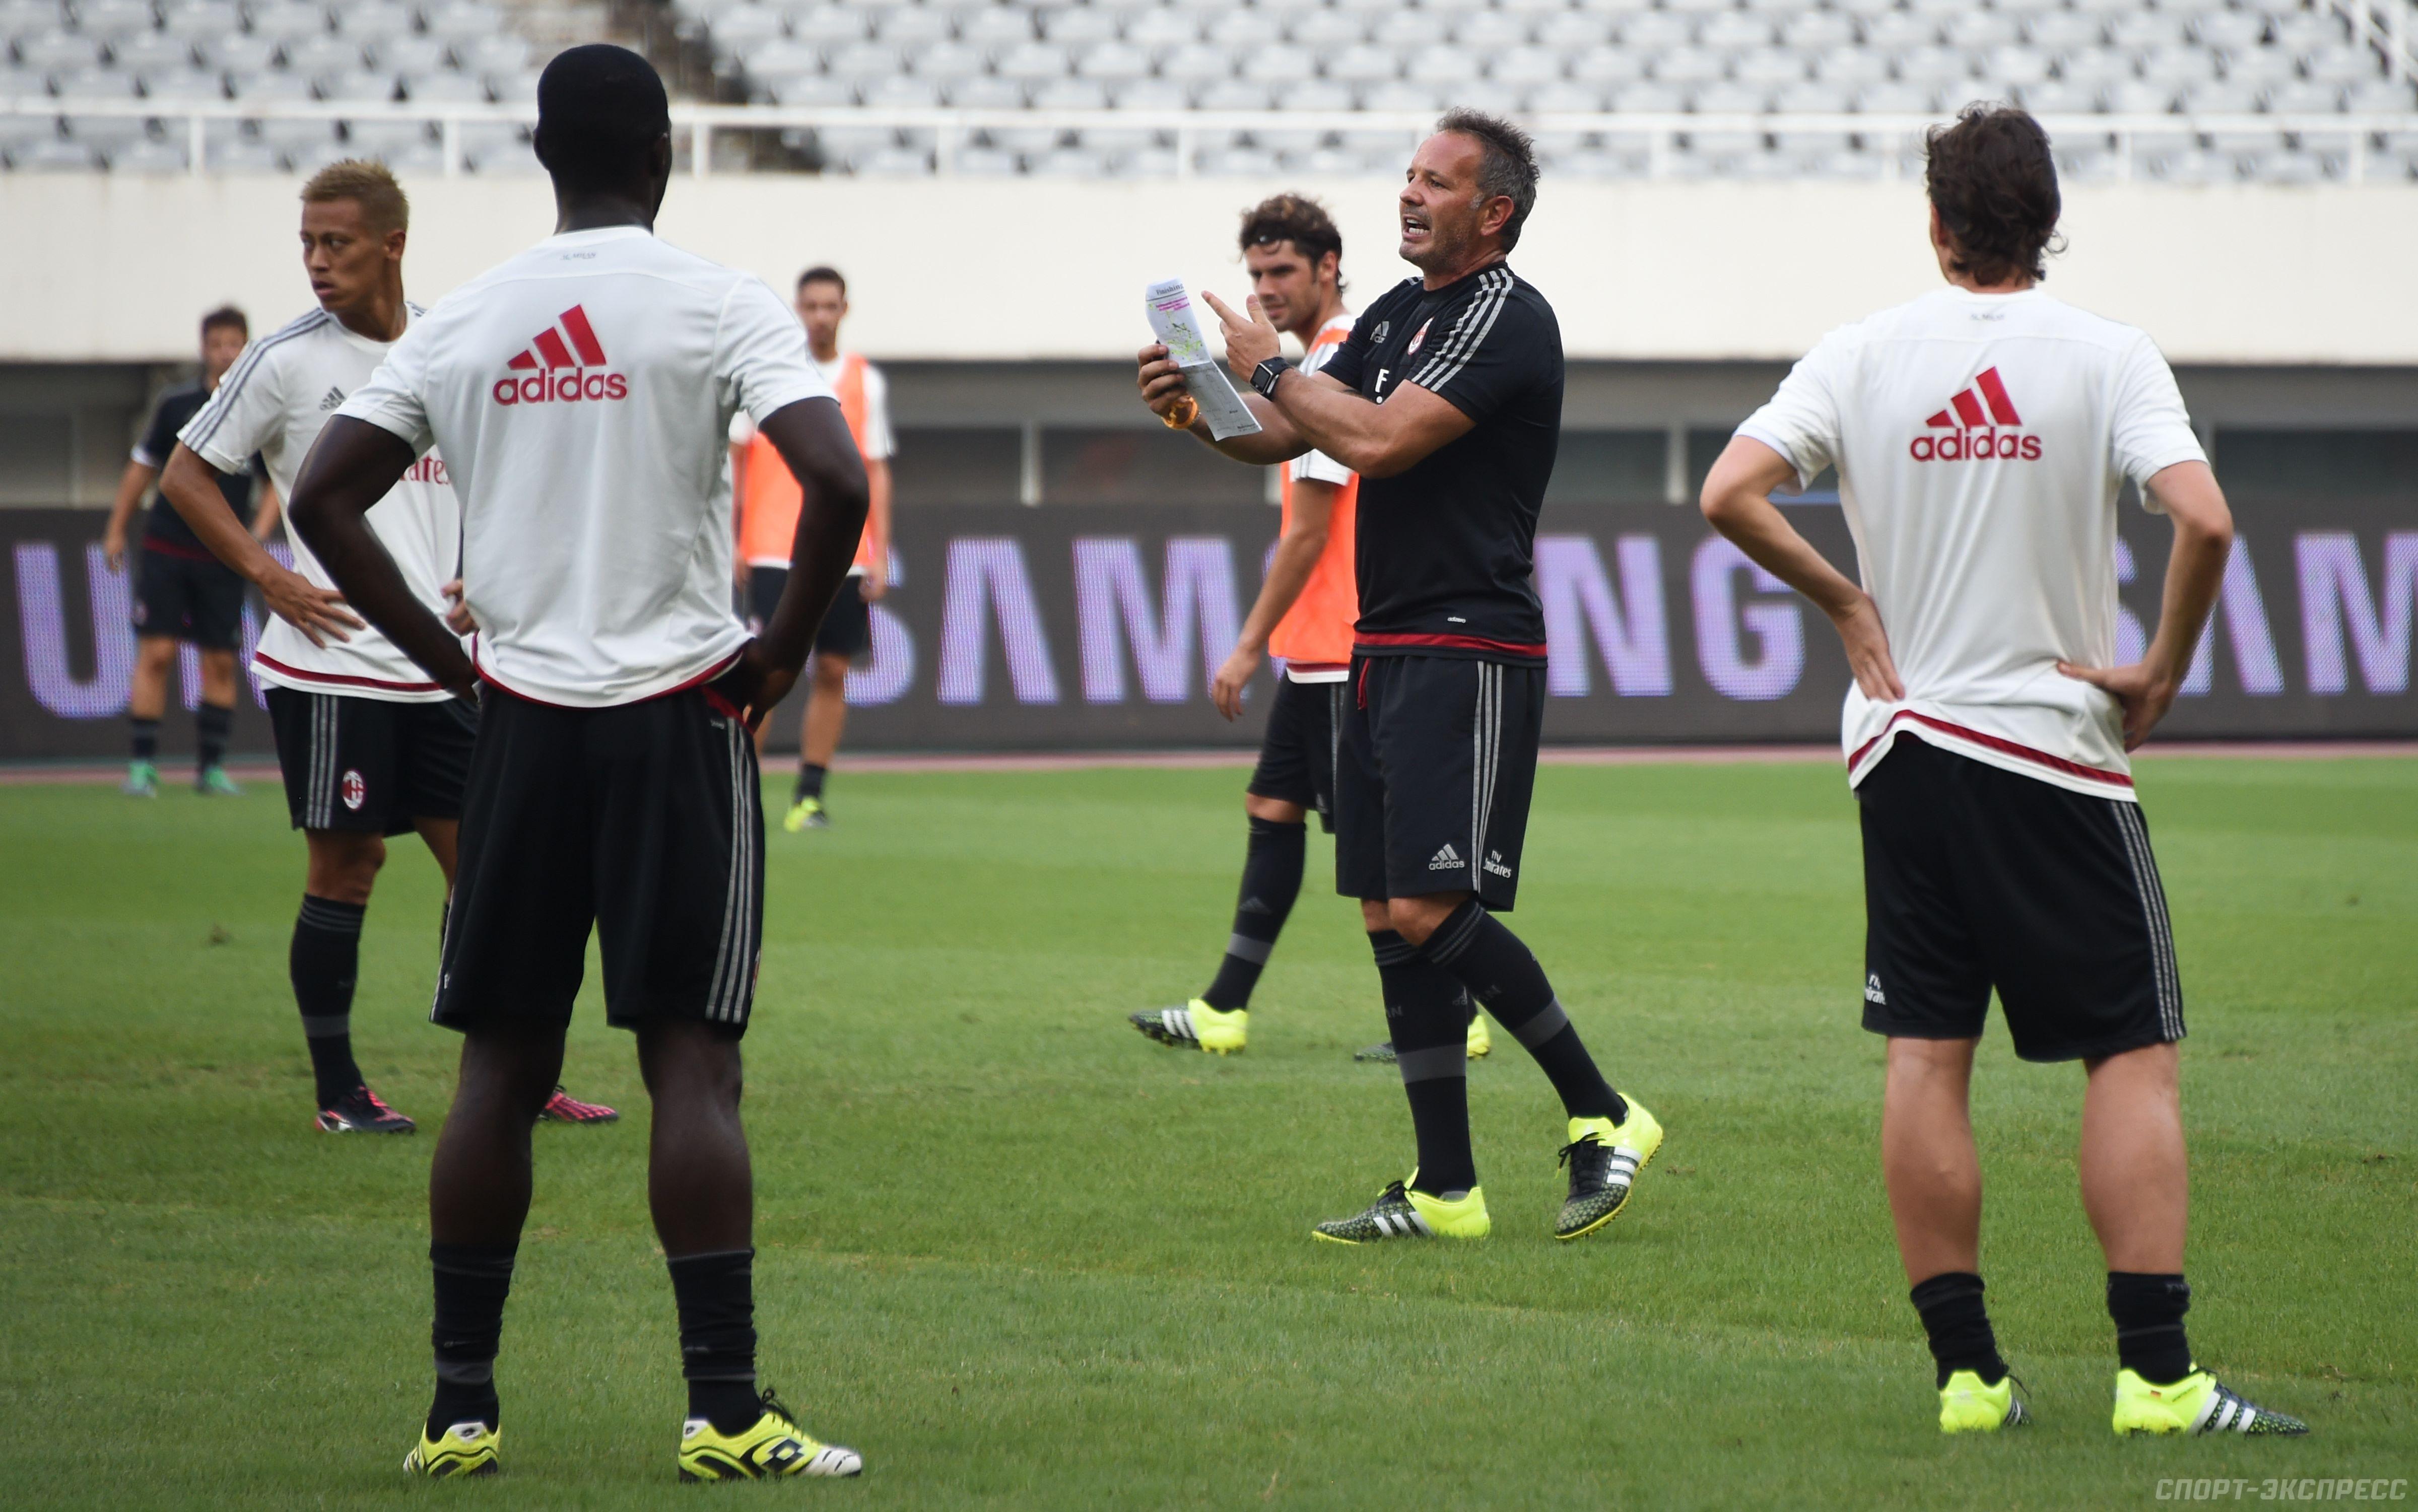 Строотман дисквалифицирован на матчи с Ювентусом и Миланом